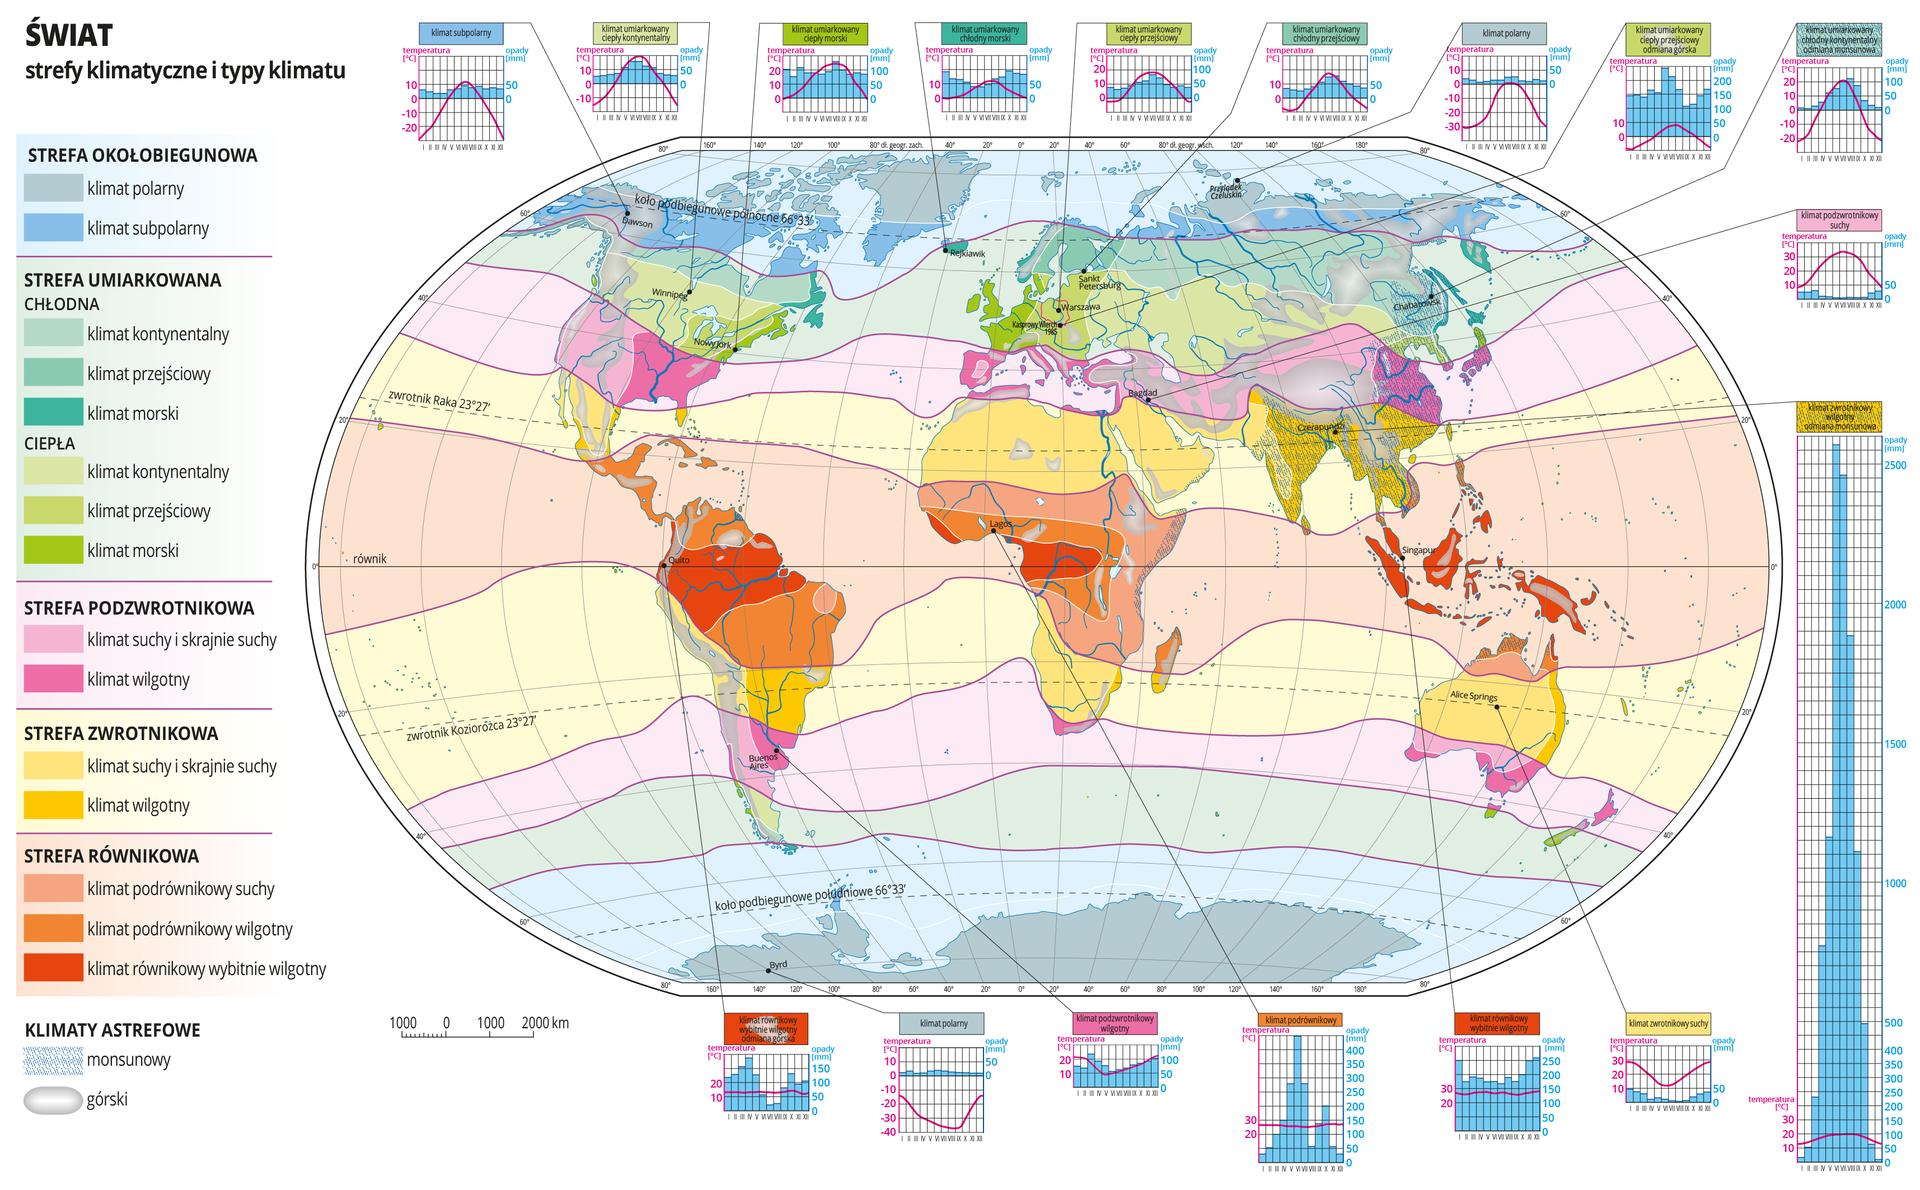 Ilustracja przedstawia mapę świata. Opisano kontynenty. Zaznaczono siedemnaście miejsc, dla których stworzono diagramy klimatyczne dookoła mapy. Na mapie kolorami zaznaczono strefy klimatyczne (pięć), aodcieniami kolorów typy klimatu (piętnaście) wposzczególnych strefach. Układają się one pasami oprzebiegu równoleżnikowym isą rozmieszczone symetrycznie względem równika. Dookoła mapy narysowano diagramy klimatyczne stacji reprezentujących poszczególne typy klimatu. Każdy diagram obrazuje średnie miesięczne temperatury powietrza (wykres liniowy) iśrednie miesięczne sumy opadów (wykres słupkowy). Nad diagramem umieszczono nazwę typu klimatu na prostokącie wkolorze odpowiadającym kolorowi typu klimatu na mapie iwlegendzie. Od diagramów prowadzą odnośniki do punktów na mapie. Mapa pokryta jest równoleżnikami ipołudnikami. Dookoła mapy wbiałej ramce opisano współrzędne geograficzne co dwadzieścia stopni. Po lewej stronie mapy wlegendzie umieszczono piętnaście kolorowych prostokątów zopisem stref klimatycznych itypów klimatu wposzczególnych strefach. Dodatkowo niebieskim kreskowaniem wydzielono astrefowy klimat monsunowy, abiało-szarym gradientem astrefowy klimat górski.